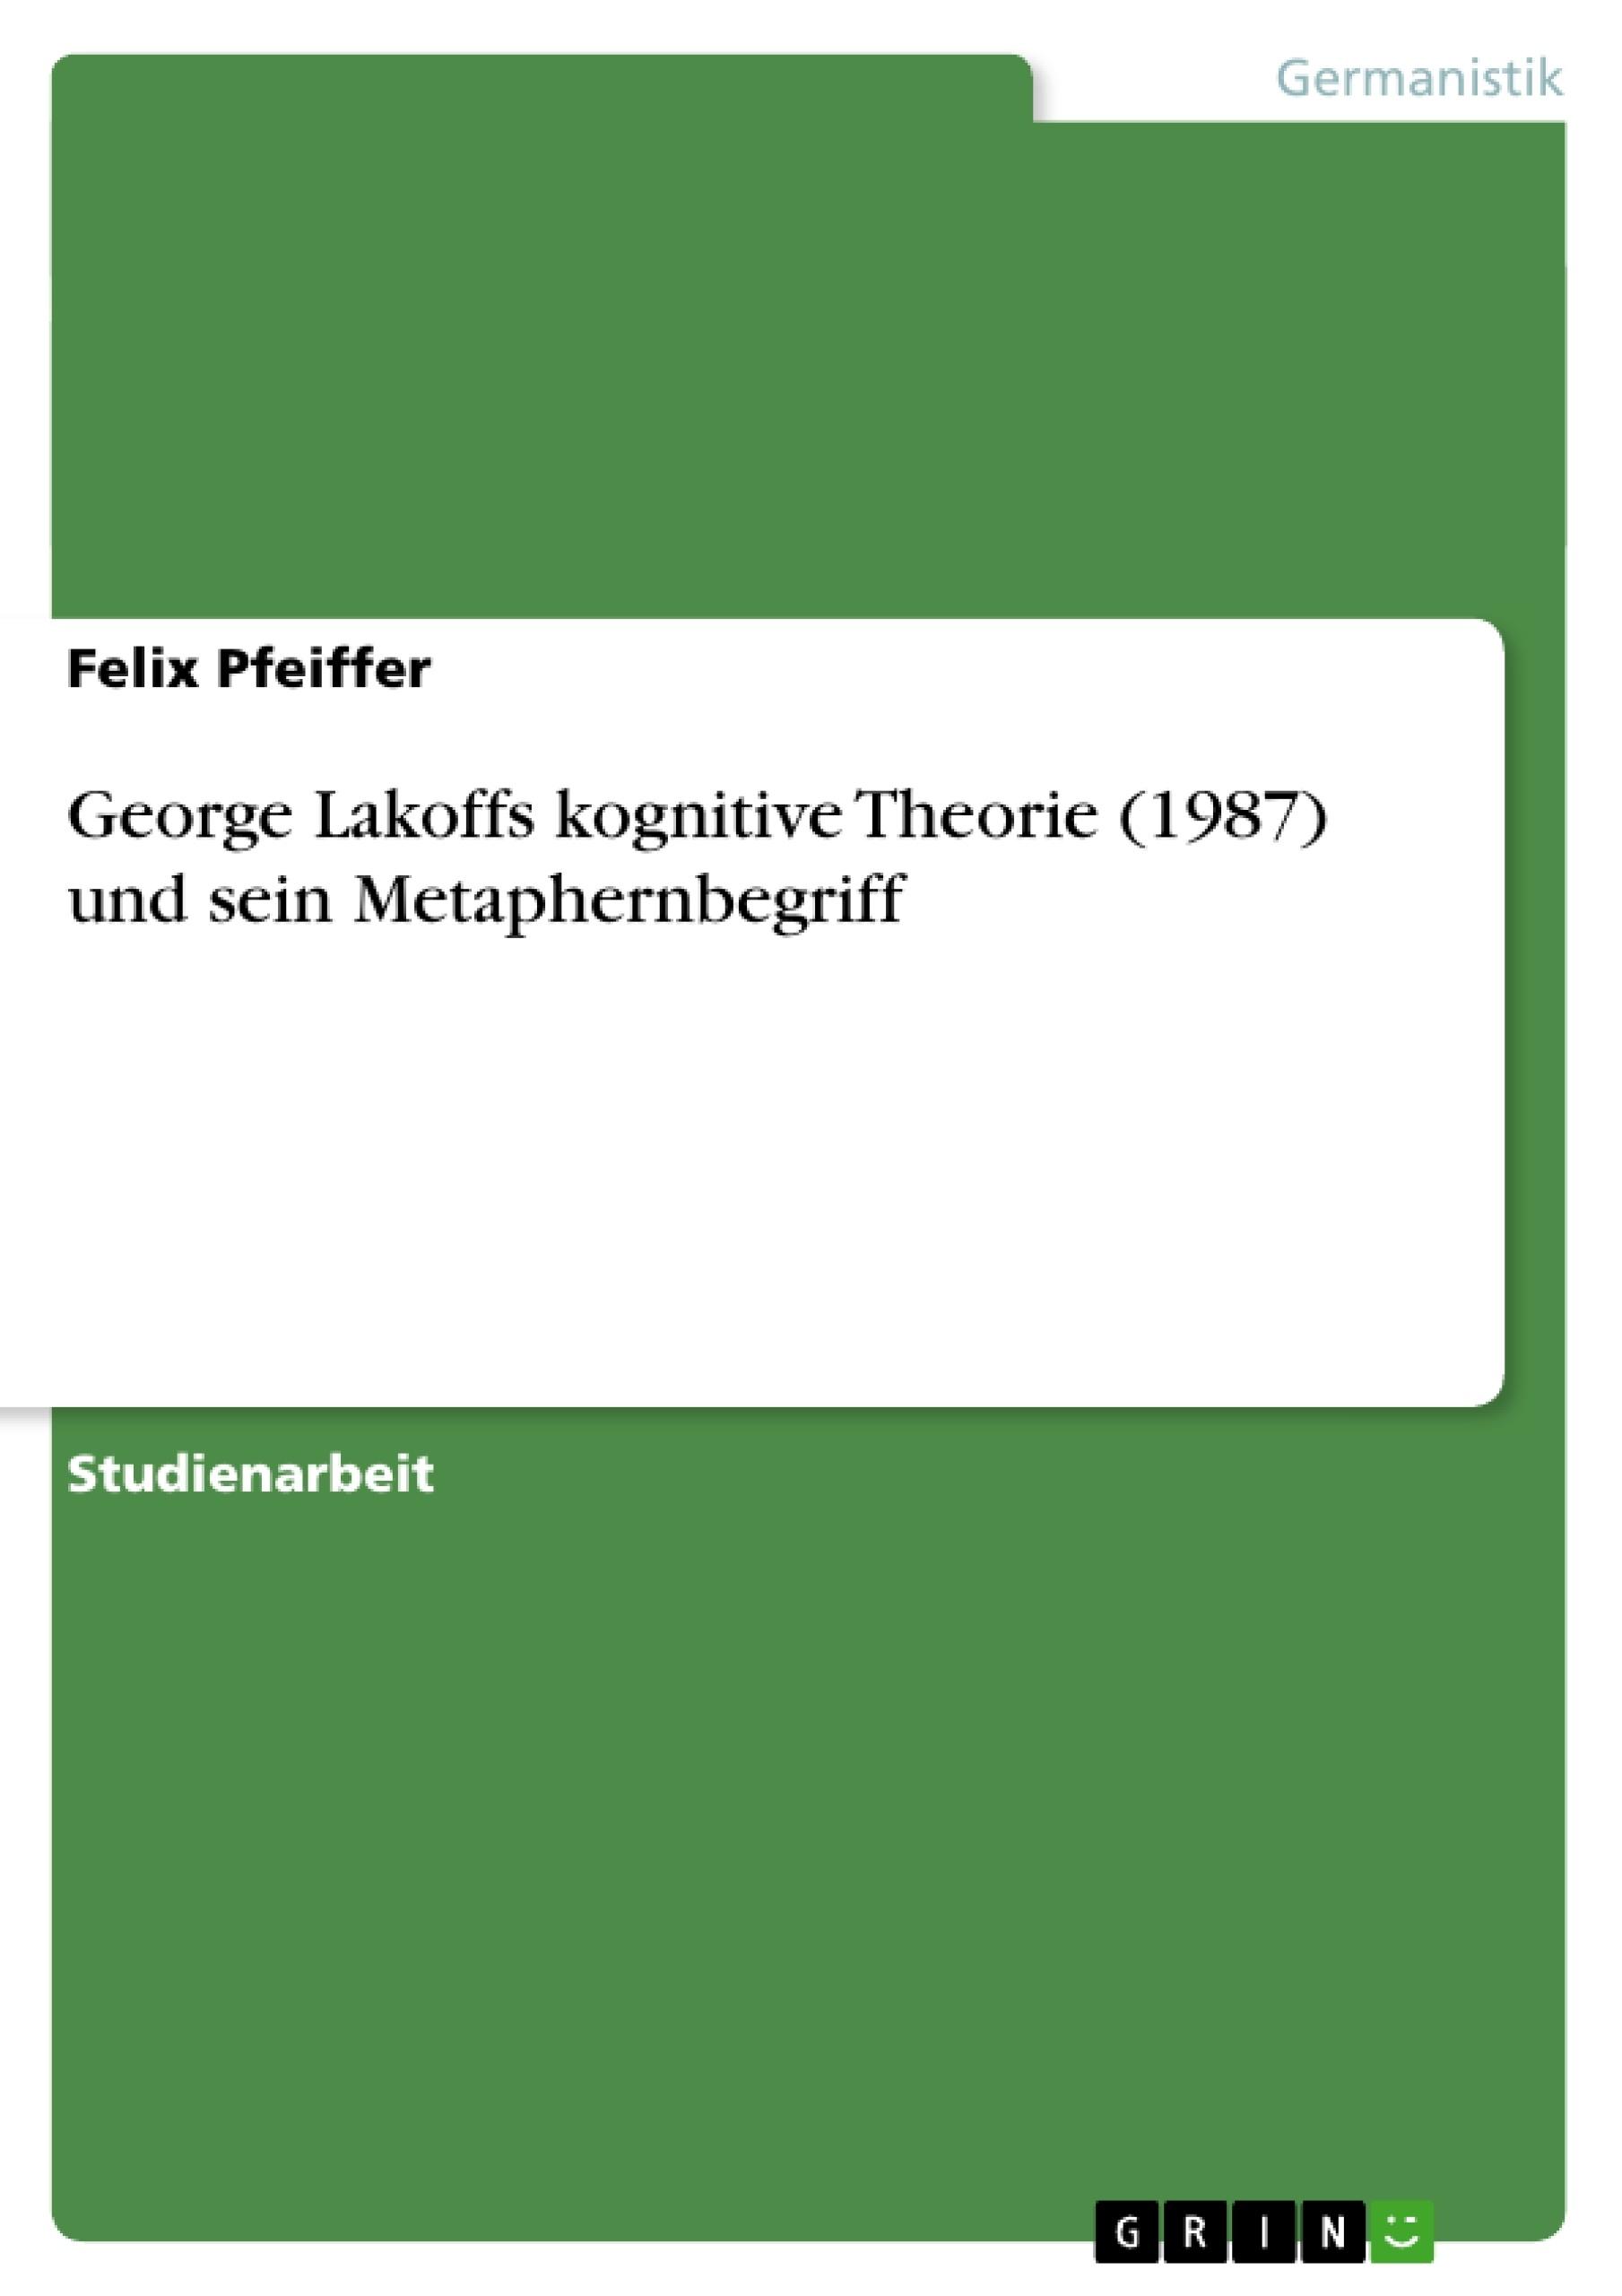 Titel: George Lakoffs kognitive Theorie (1987) und sein Metaphernbegriff